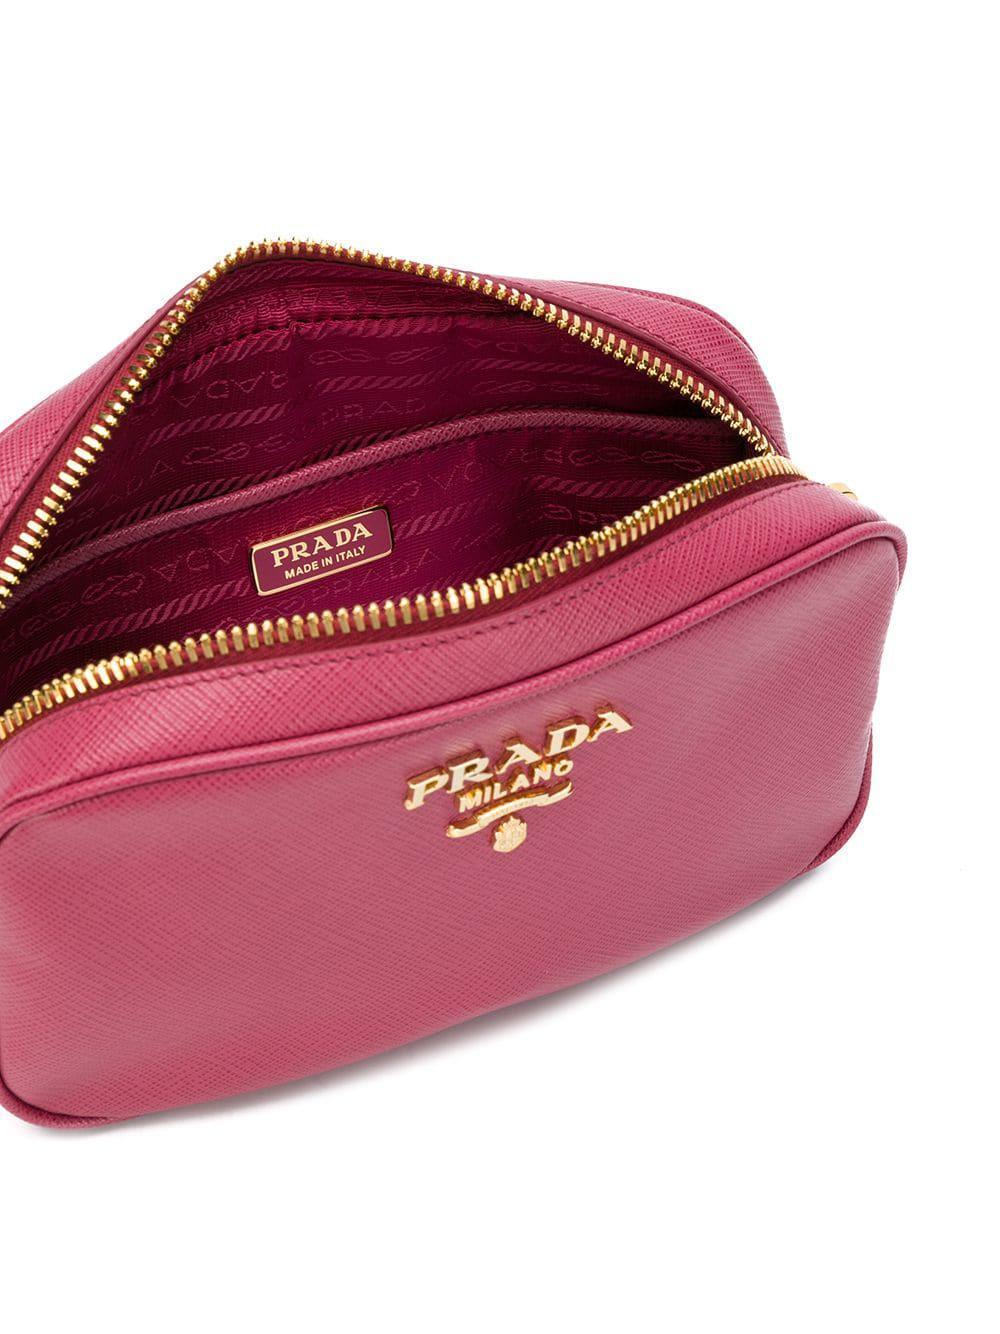 26c550332300 ireland prada logo plaque belt bag abeec e592e; aliexpress prada pink  saffiano leather belt bag lyst. view fullscreen 99e1d 61e07